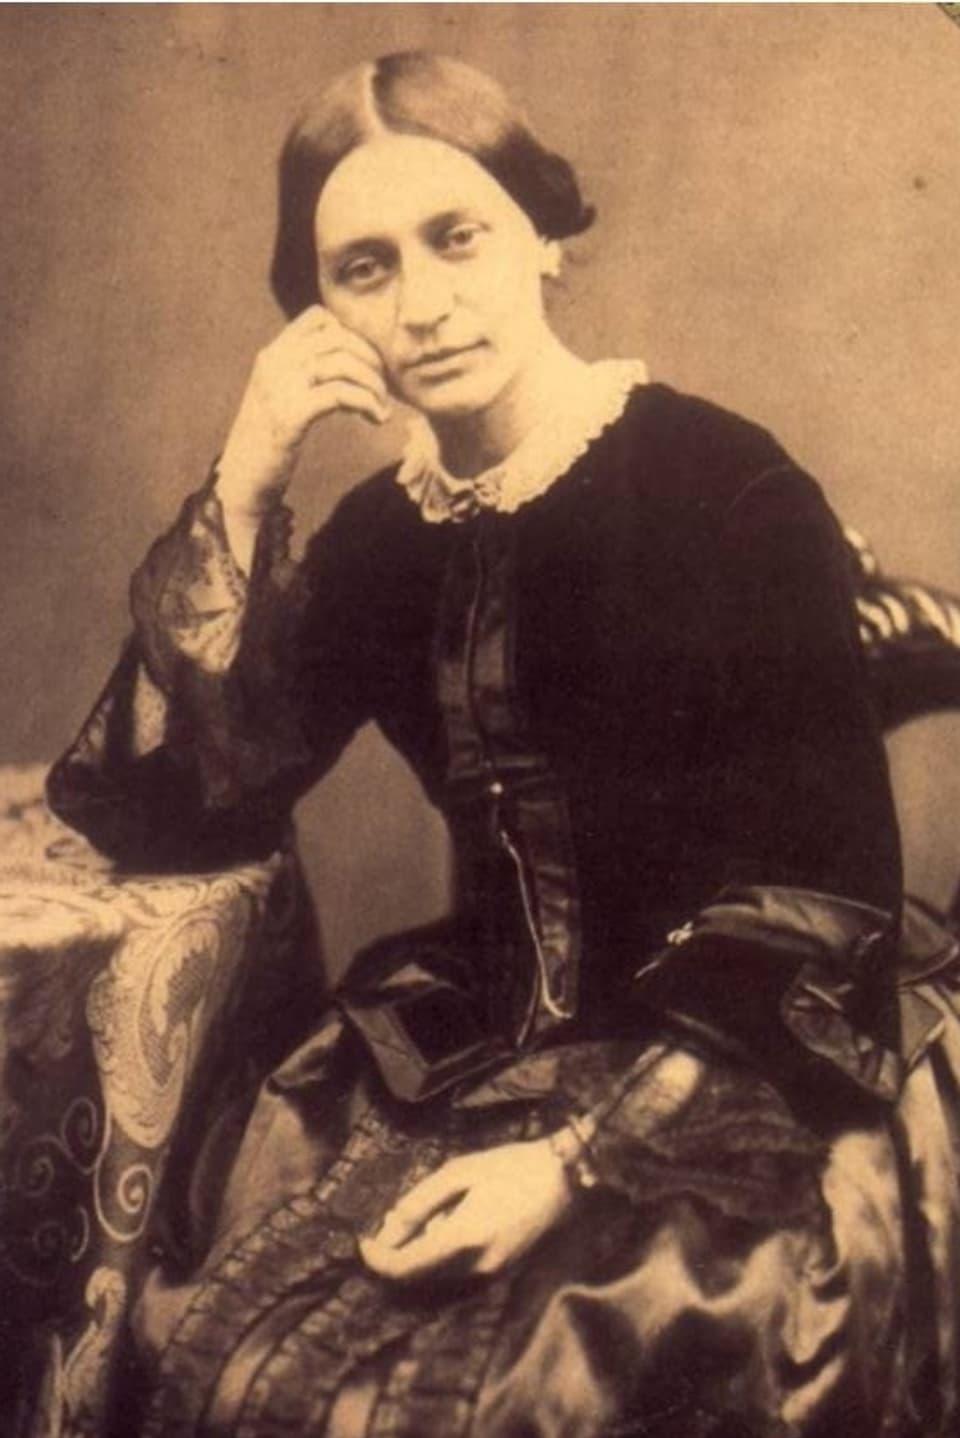 Clara Schumann il 1853 – ses um è en la clinica ed ella è suletta cun 7 affons.